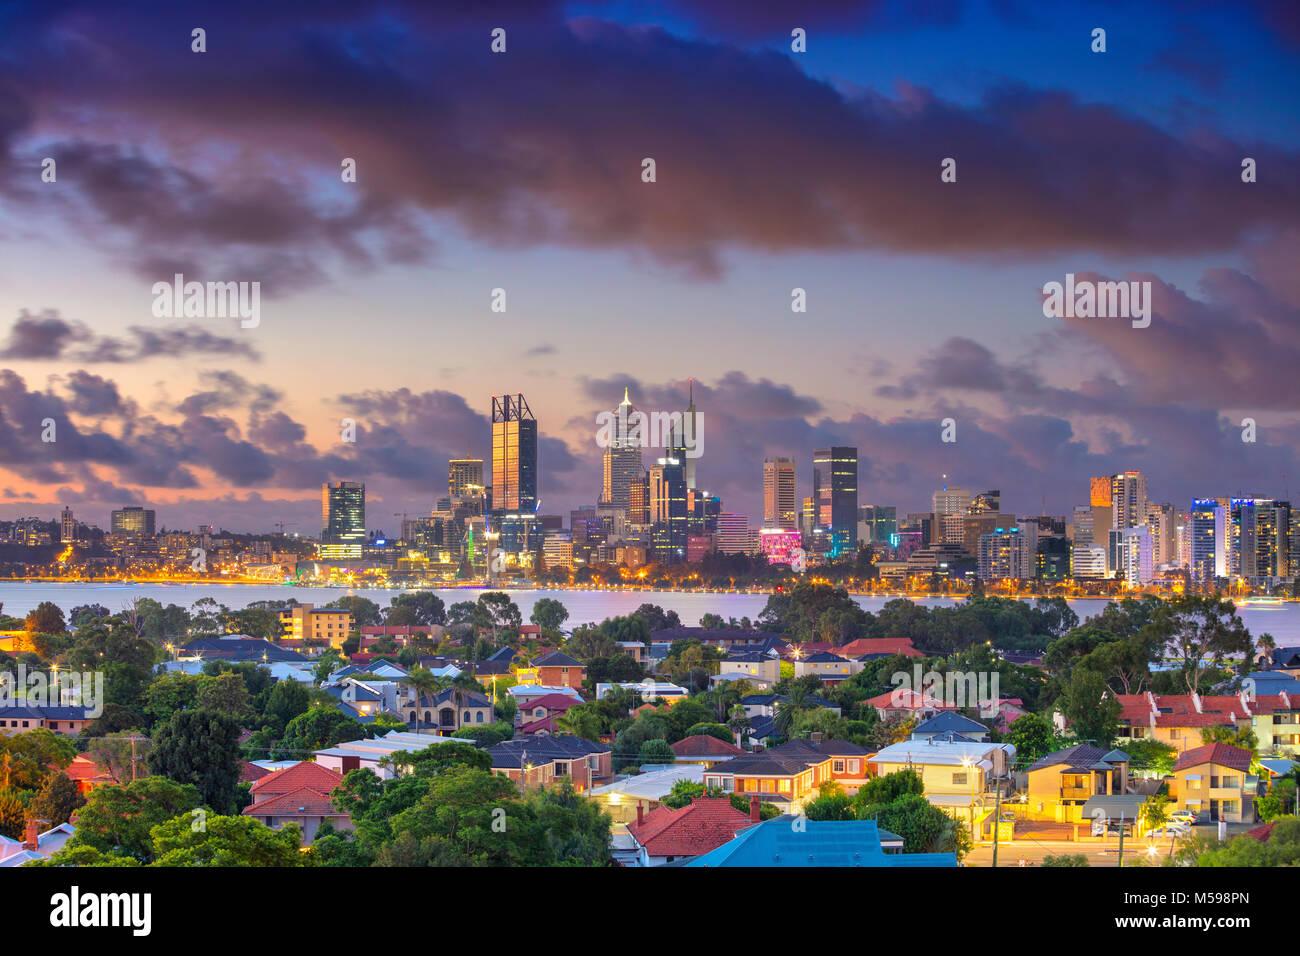 Perth. Aerial cityscape immagine dello skyline di Perth, Australia durante il tramonto spettacolare. Immagini Stock